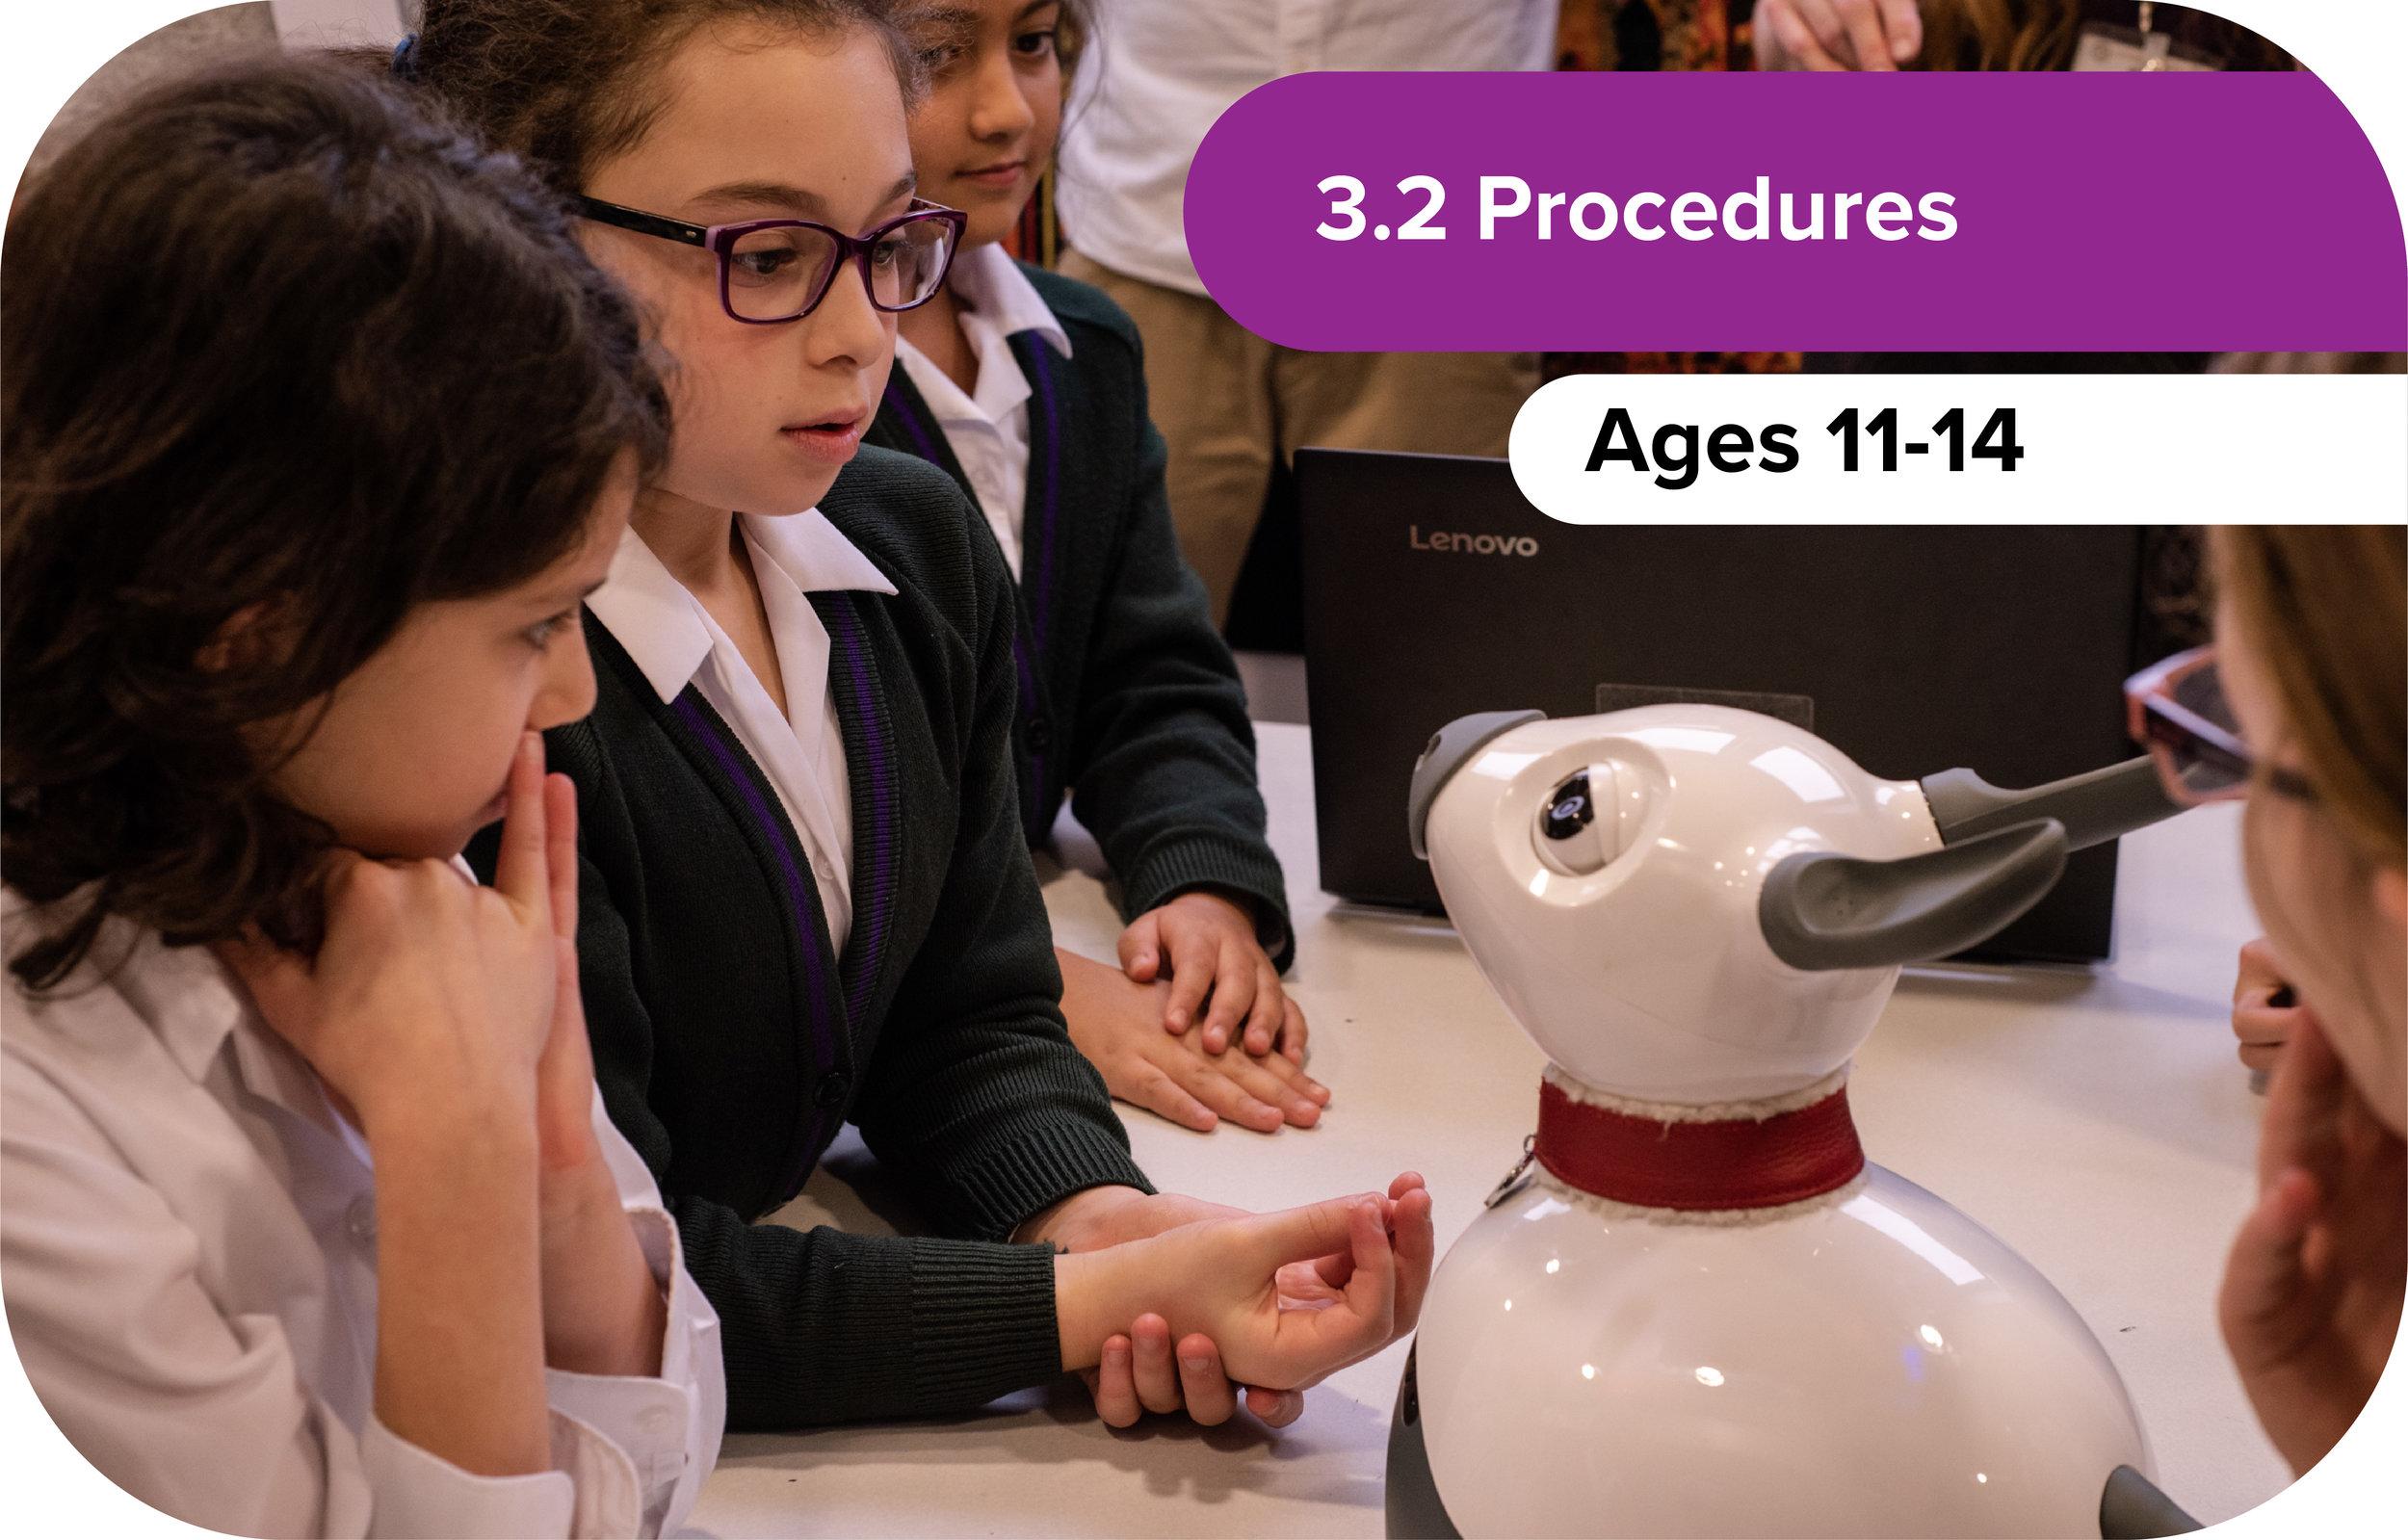 3.2 Procedures